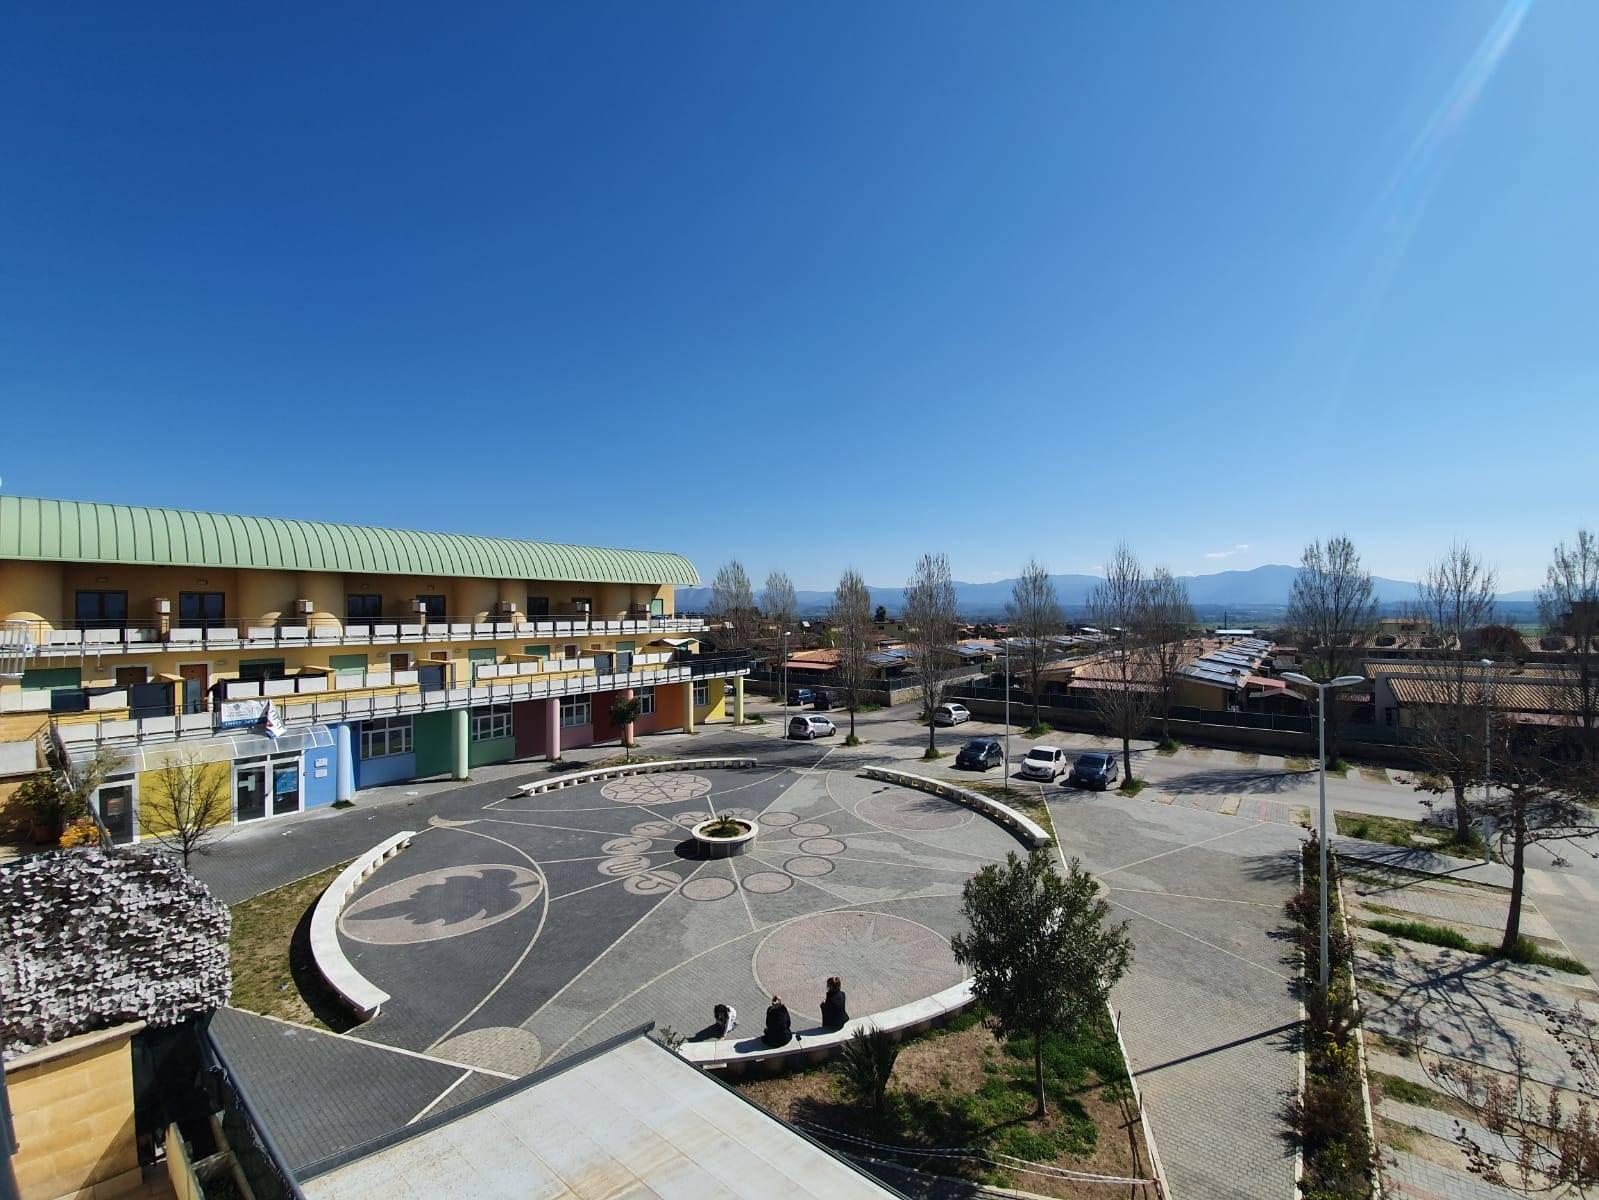 Appartamento in vendita a Capena, 2 locali, zona Località: BIVIO, prezzo € 65.000   PortaleAgenzieImmobiliari.it